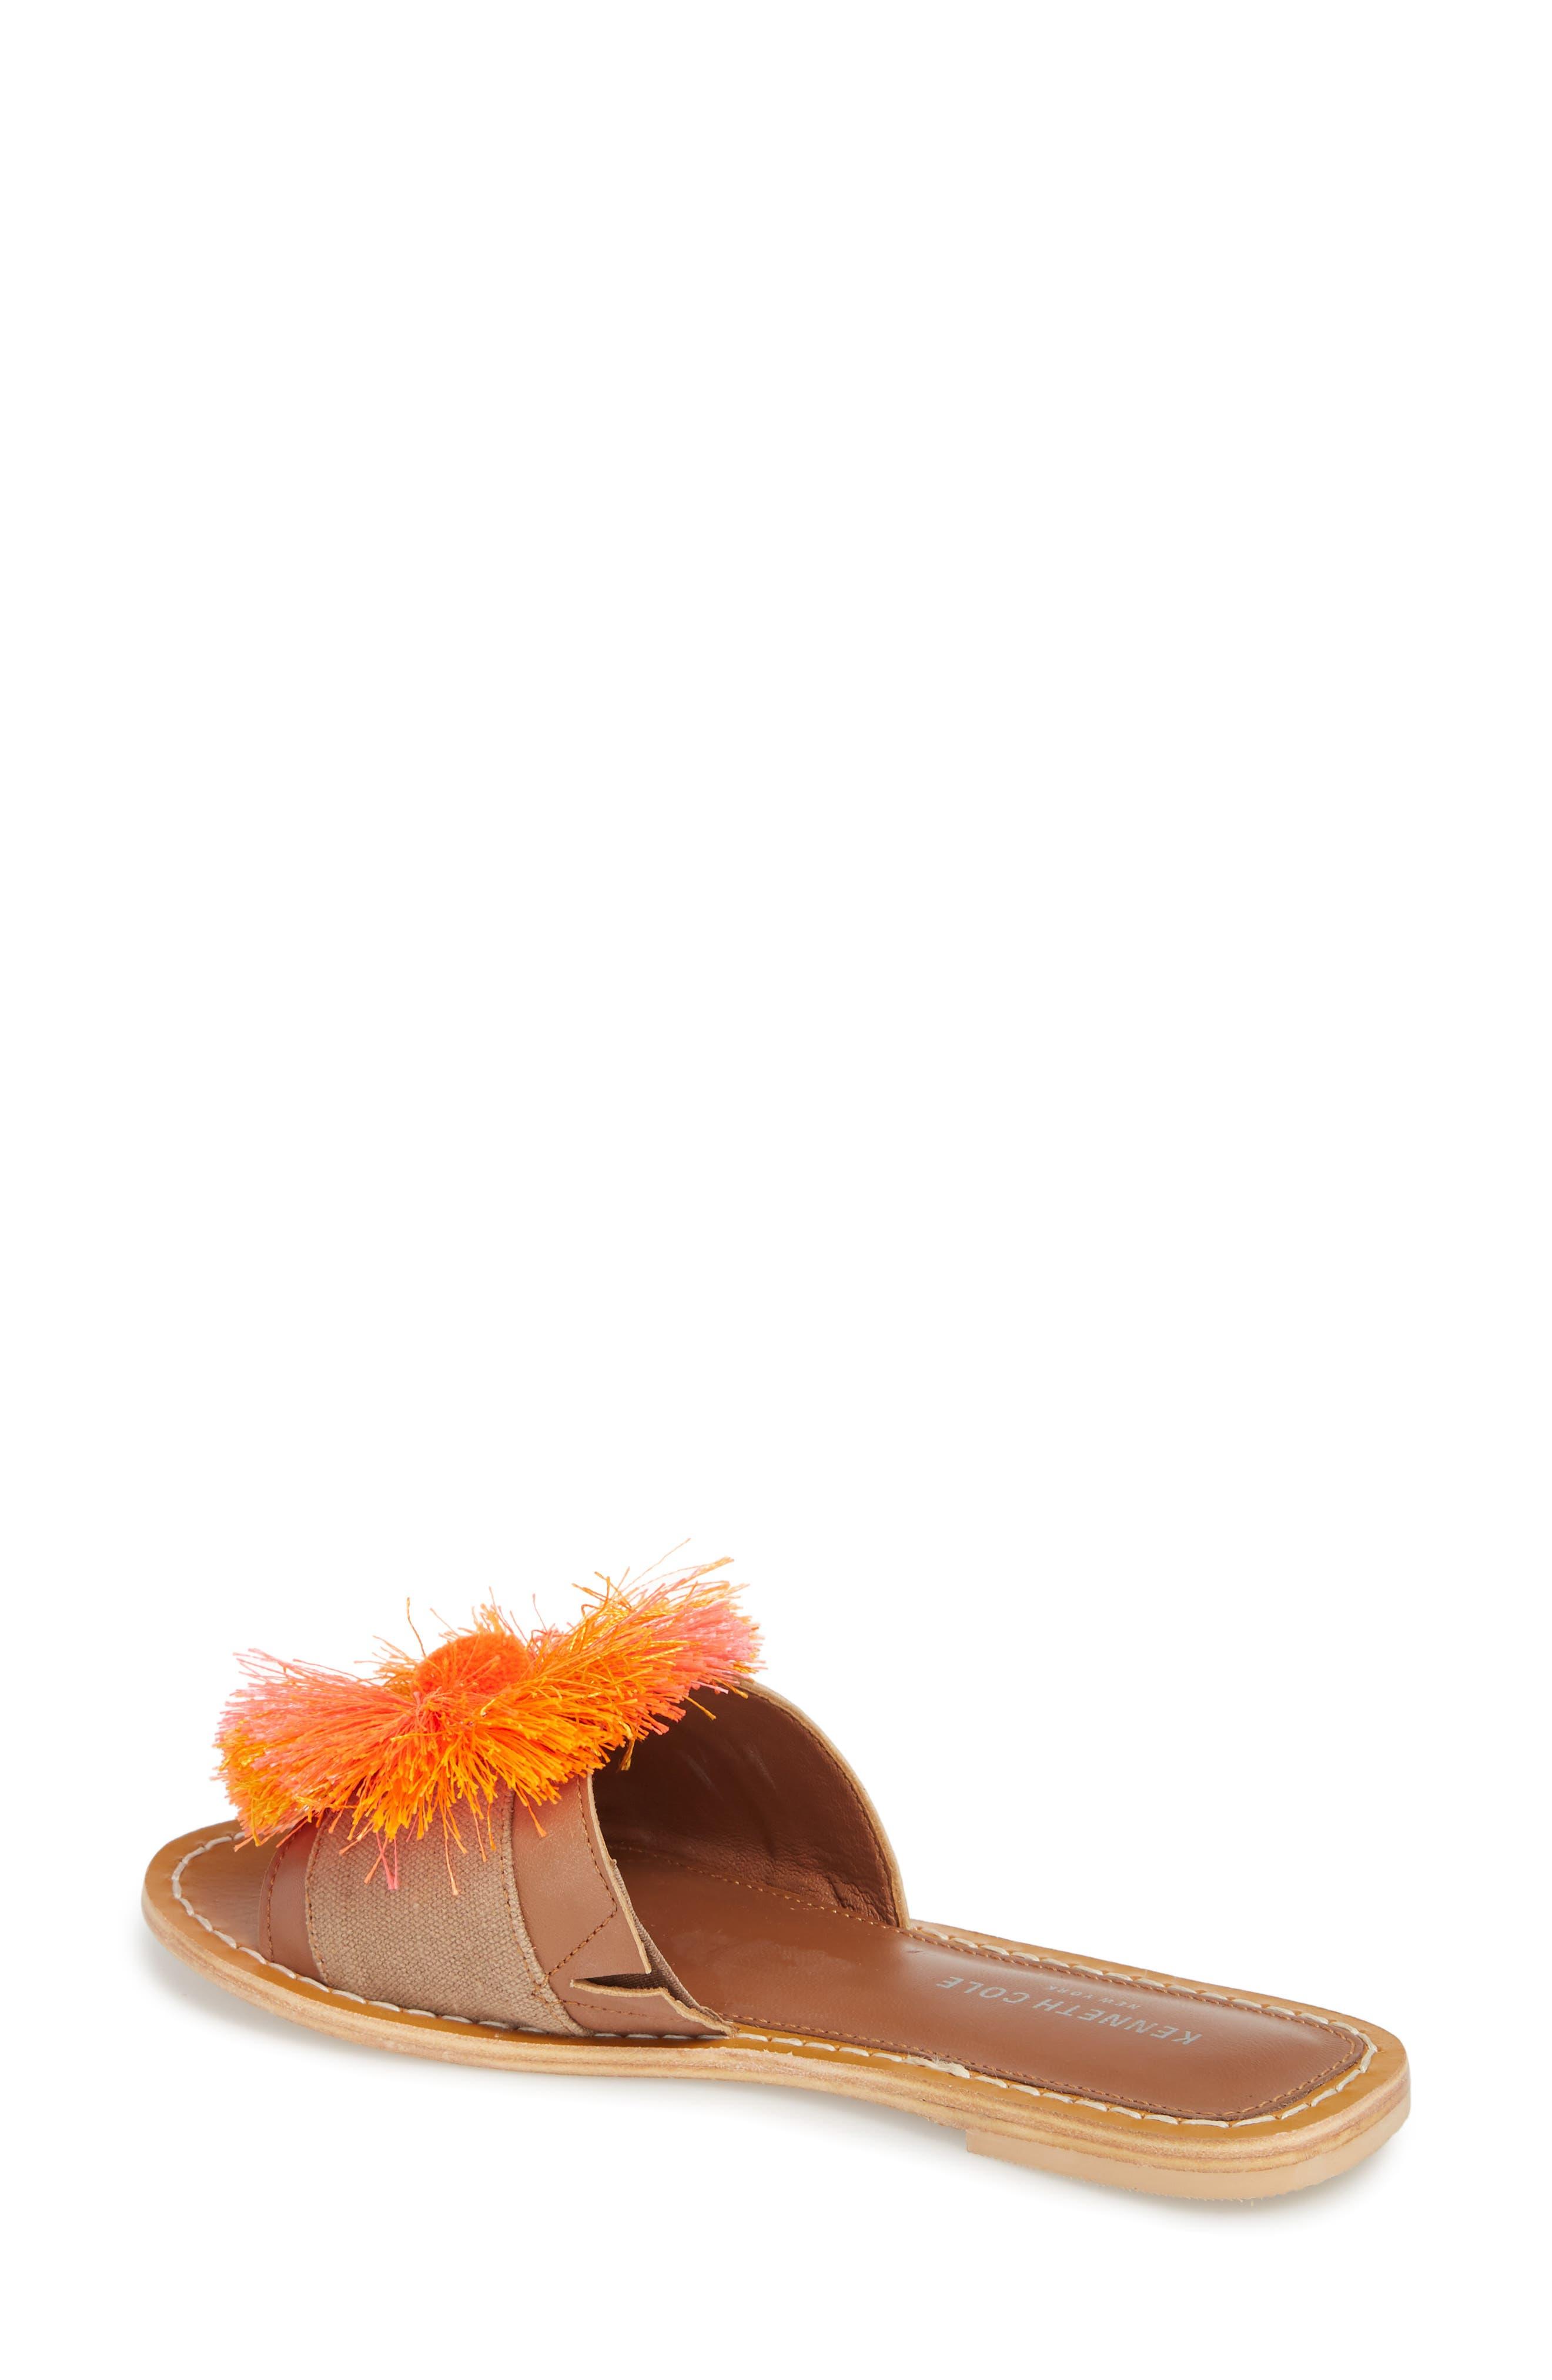 Orton Slide Sandal,                             Alternate thumbnail 2, color,                             Orange Multi Fabric